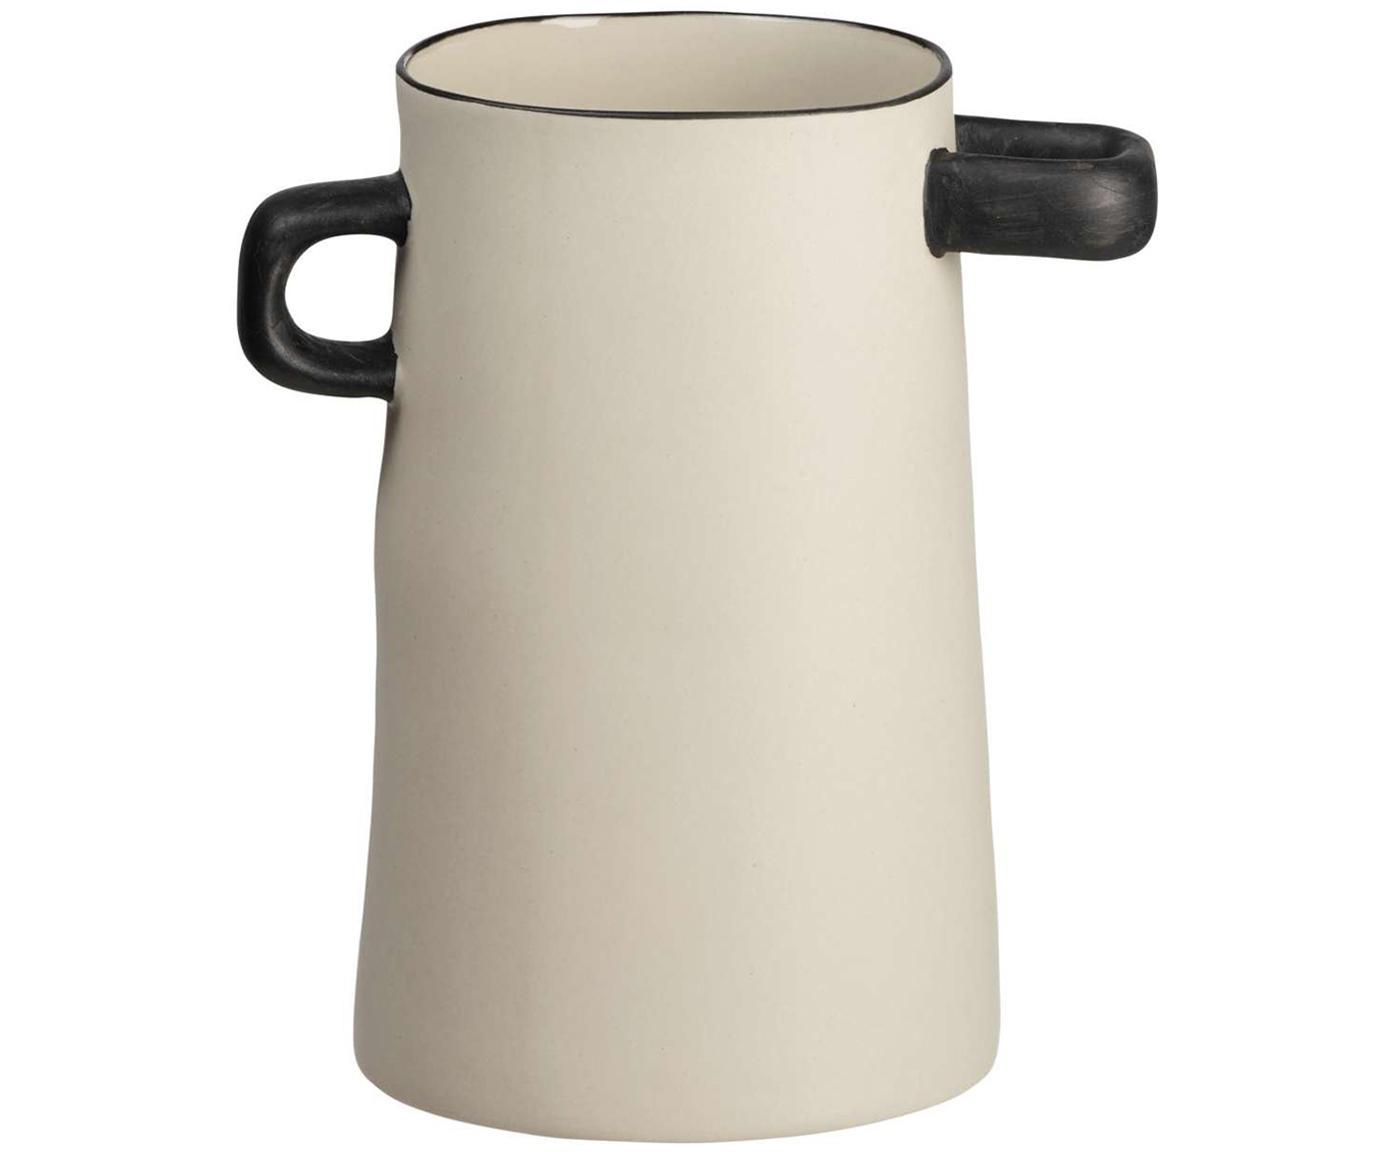 Handgefertigte Vase Rayu aus Steingut, Steingut, Beige, Schwarz, Ø 11 x H 17 cm